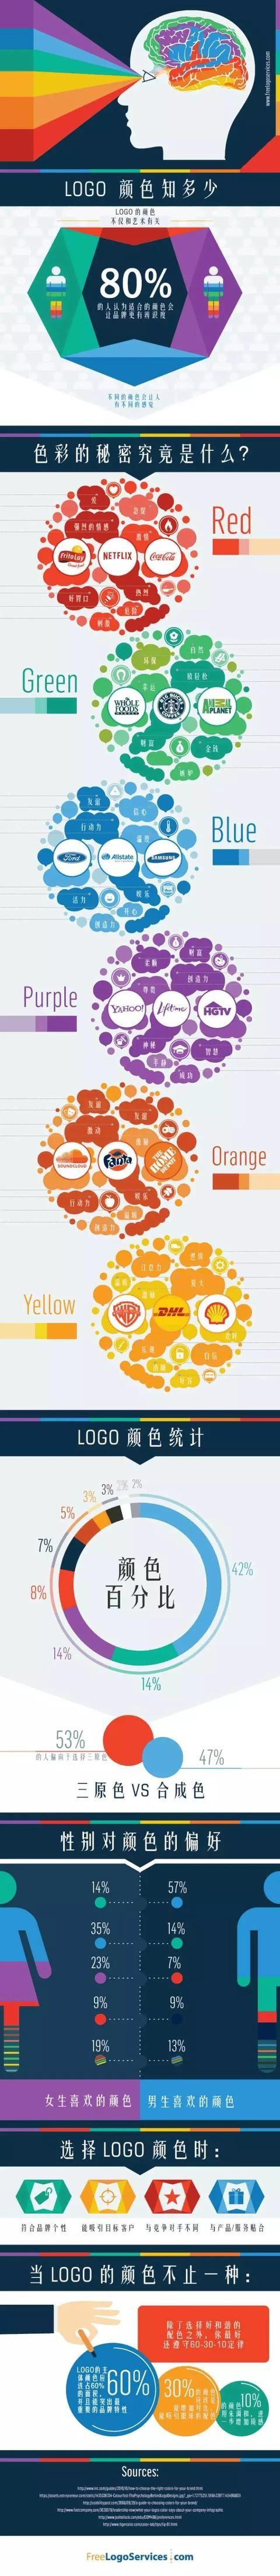 LOGO设计中的色彩秘密,你知多少?